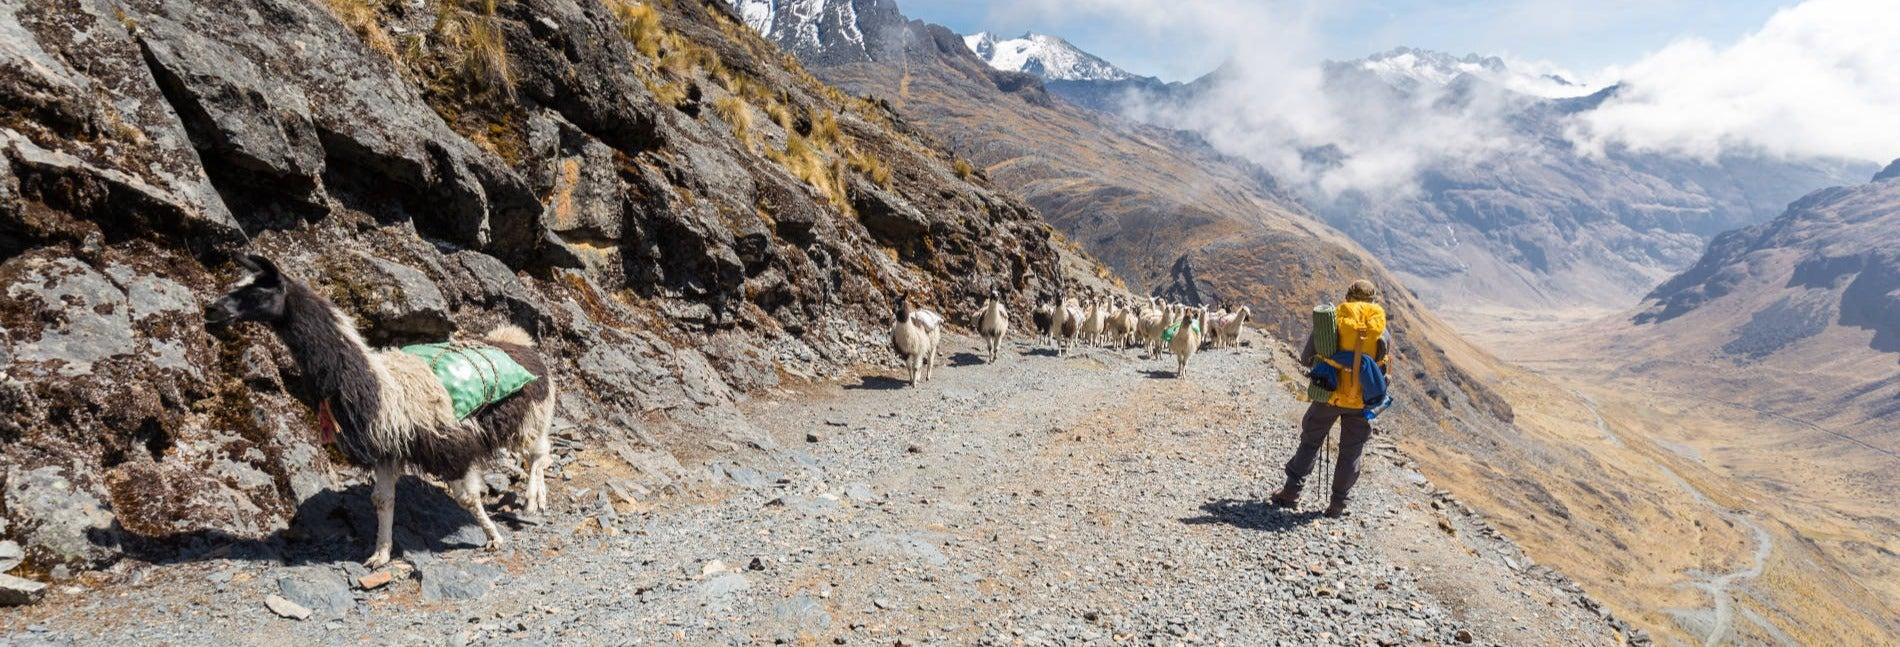 Ruta de trekking de 4 días por el Camino del Choro